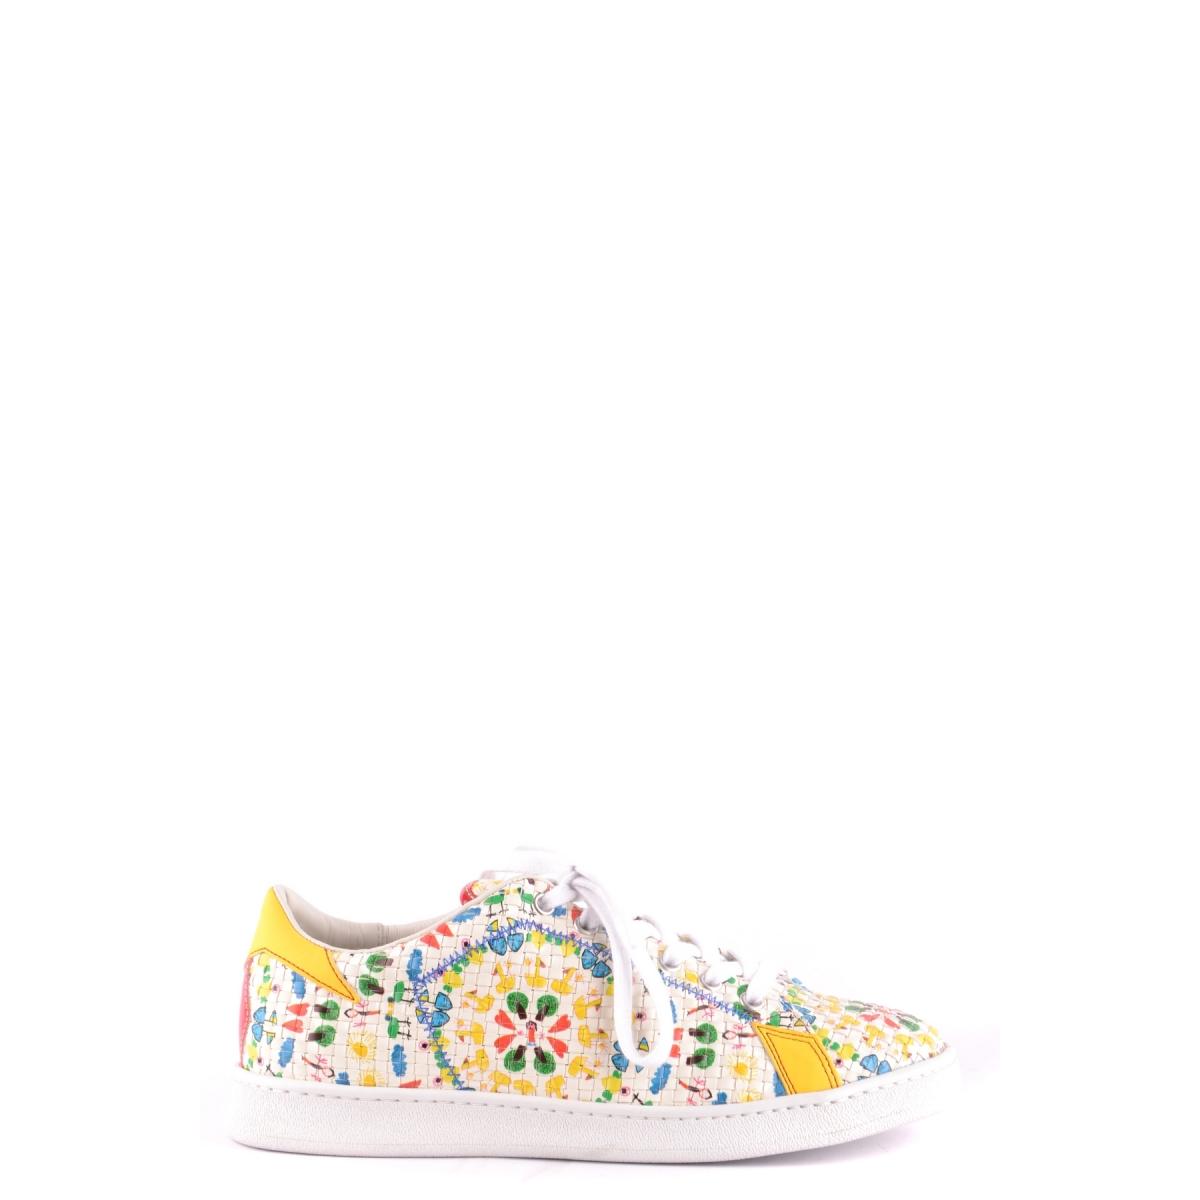 Billig gute Qualität Schuhe L4K3 32699DE -40%